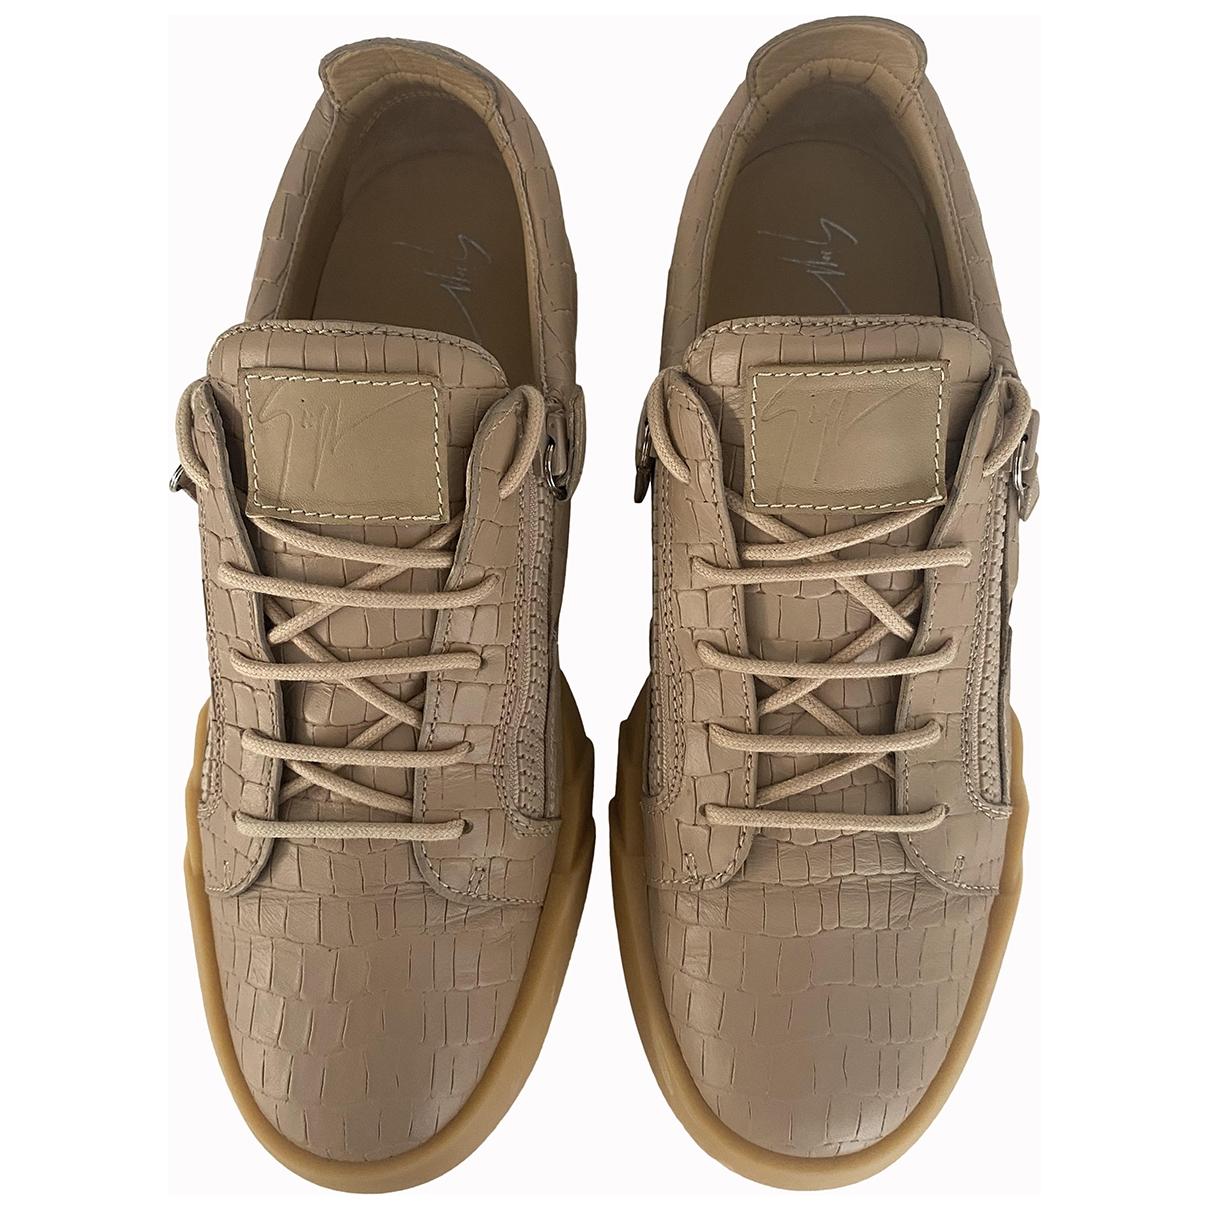 Giuseppe Zanotti - Baskets   pour homme en cuir - beige